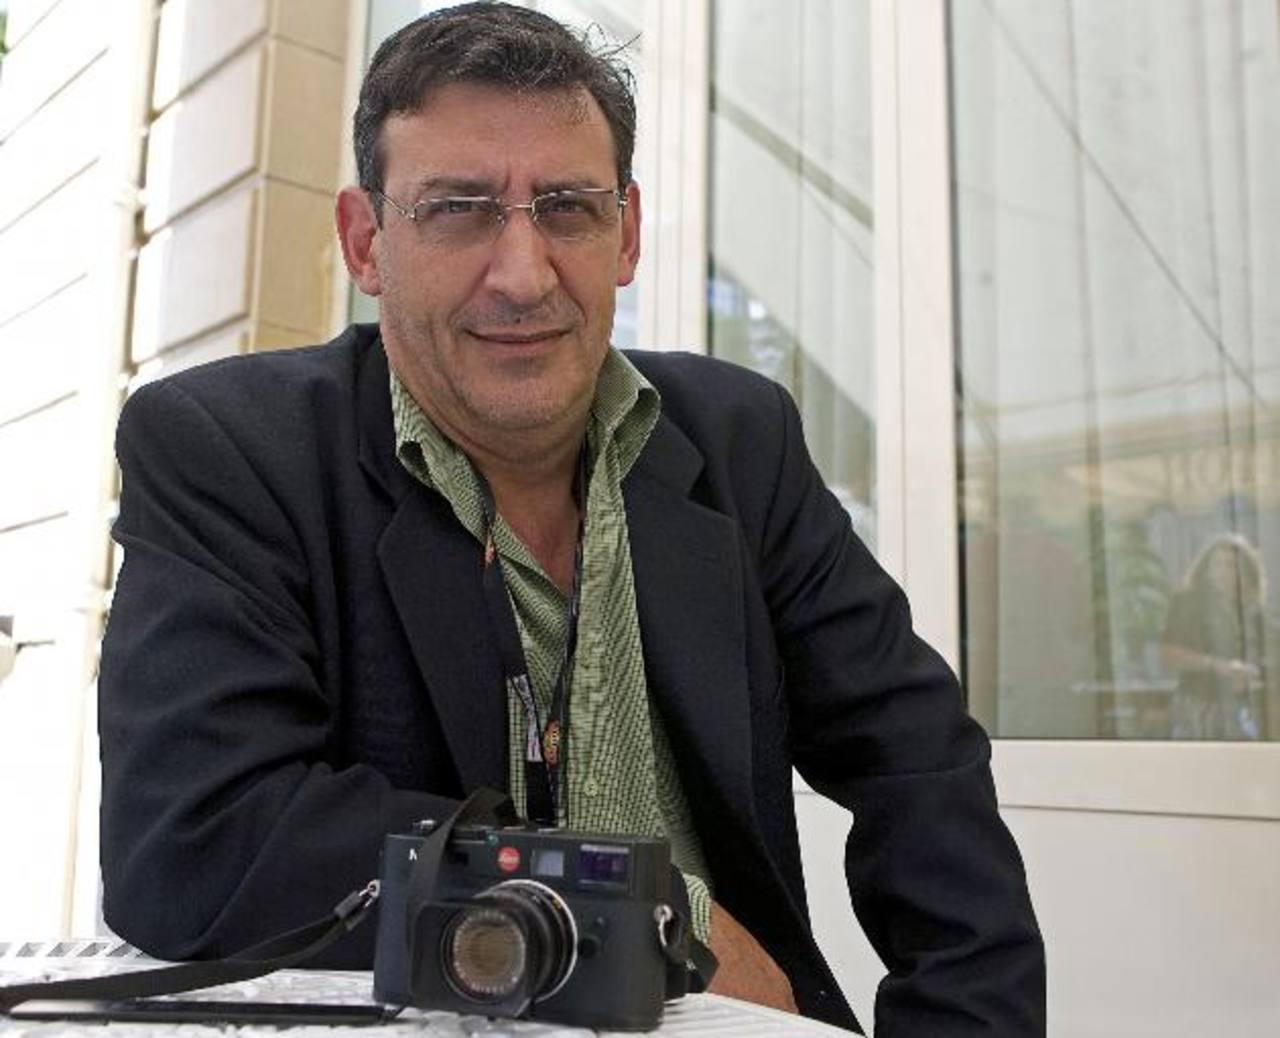 El periodista Cristian Poveda fue asesinado el 2 de septiembre de 2009 en La Campanera, Soyapango. Foto EDH / Archivo